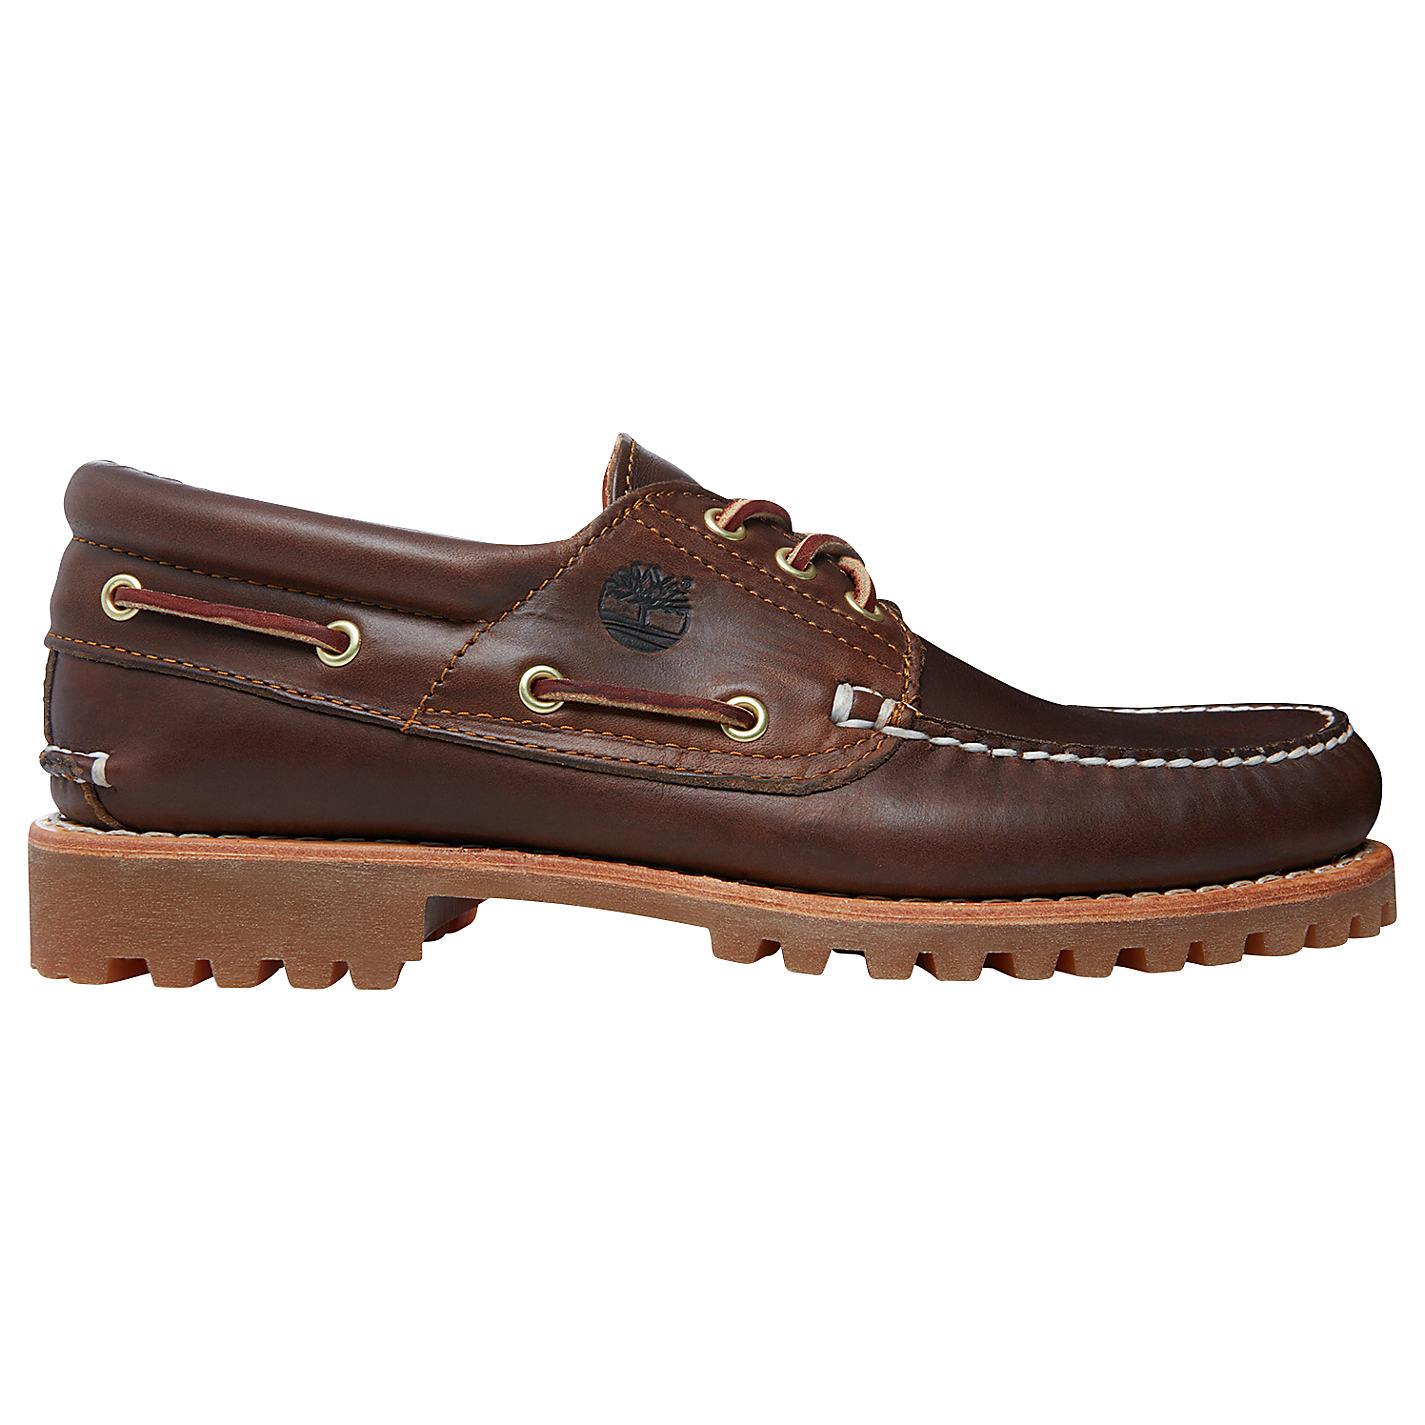 Cheap Timberland Boat Shoes Uk